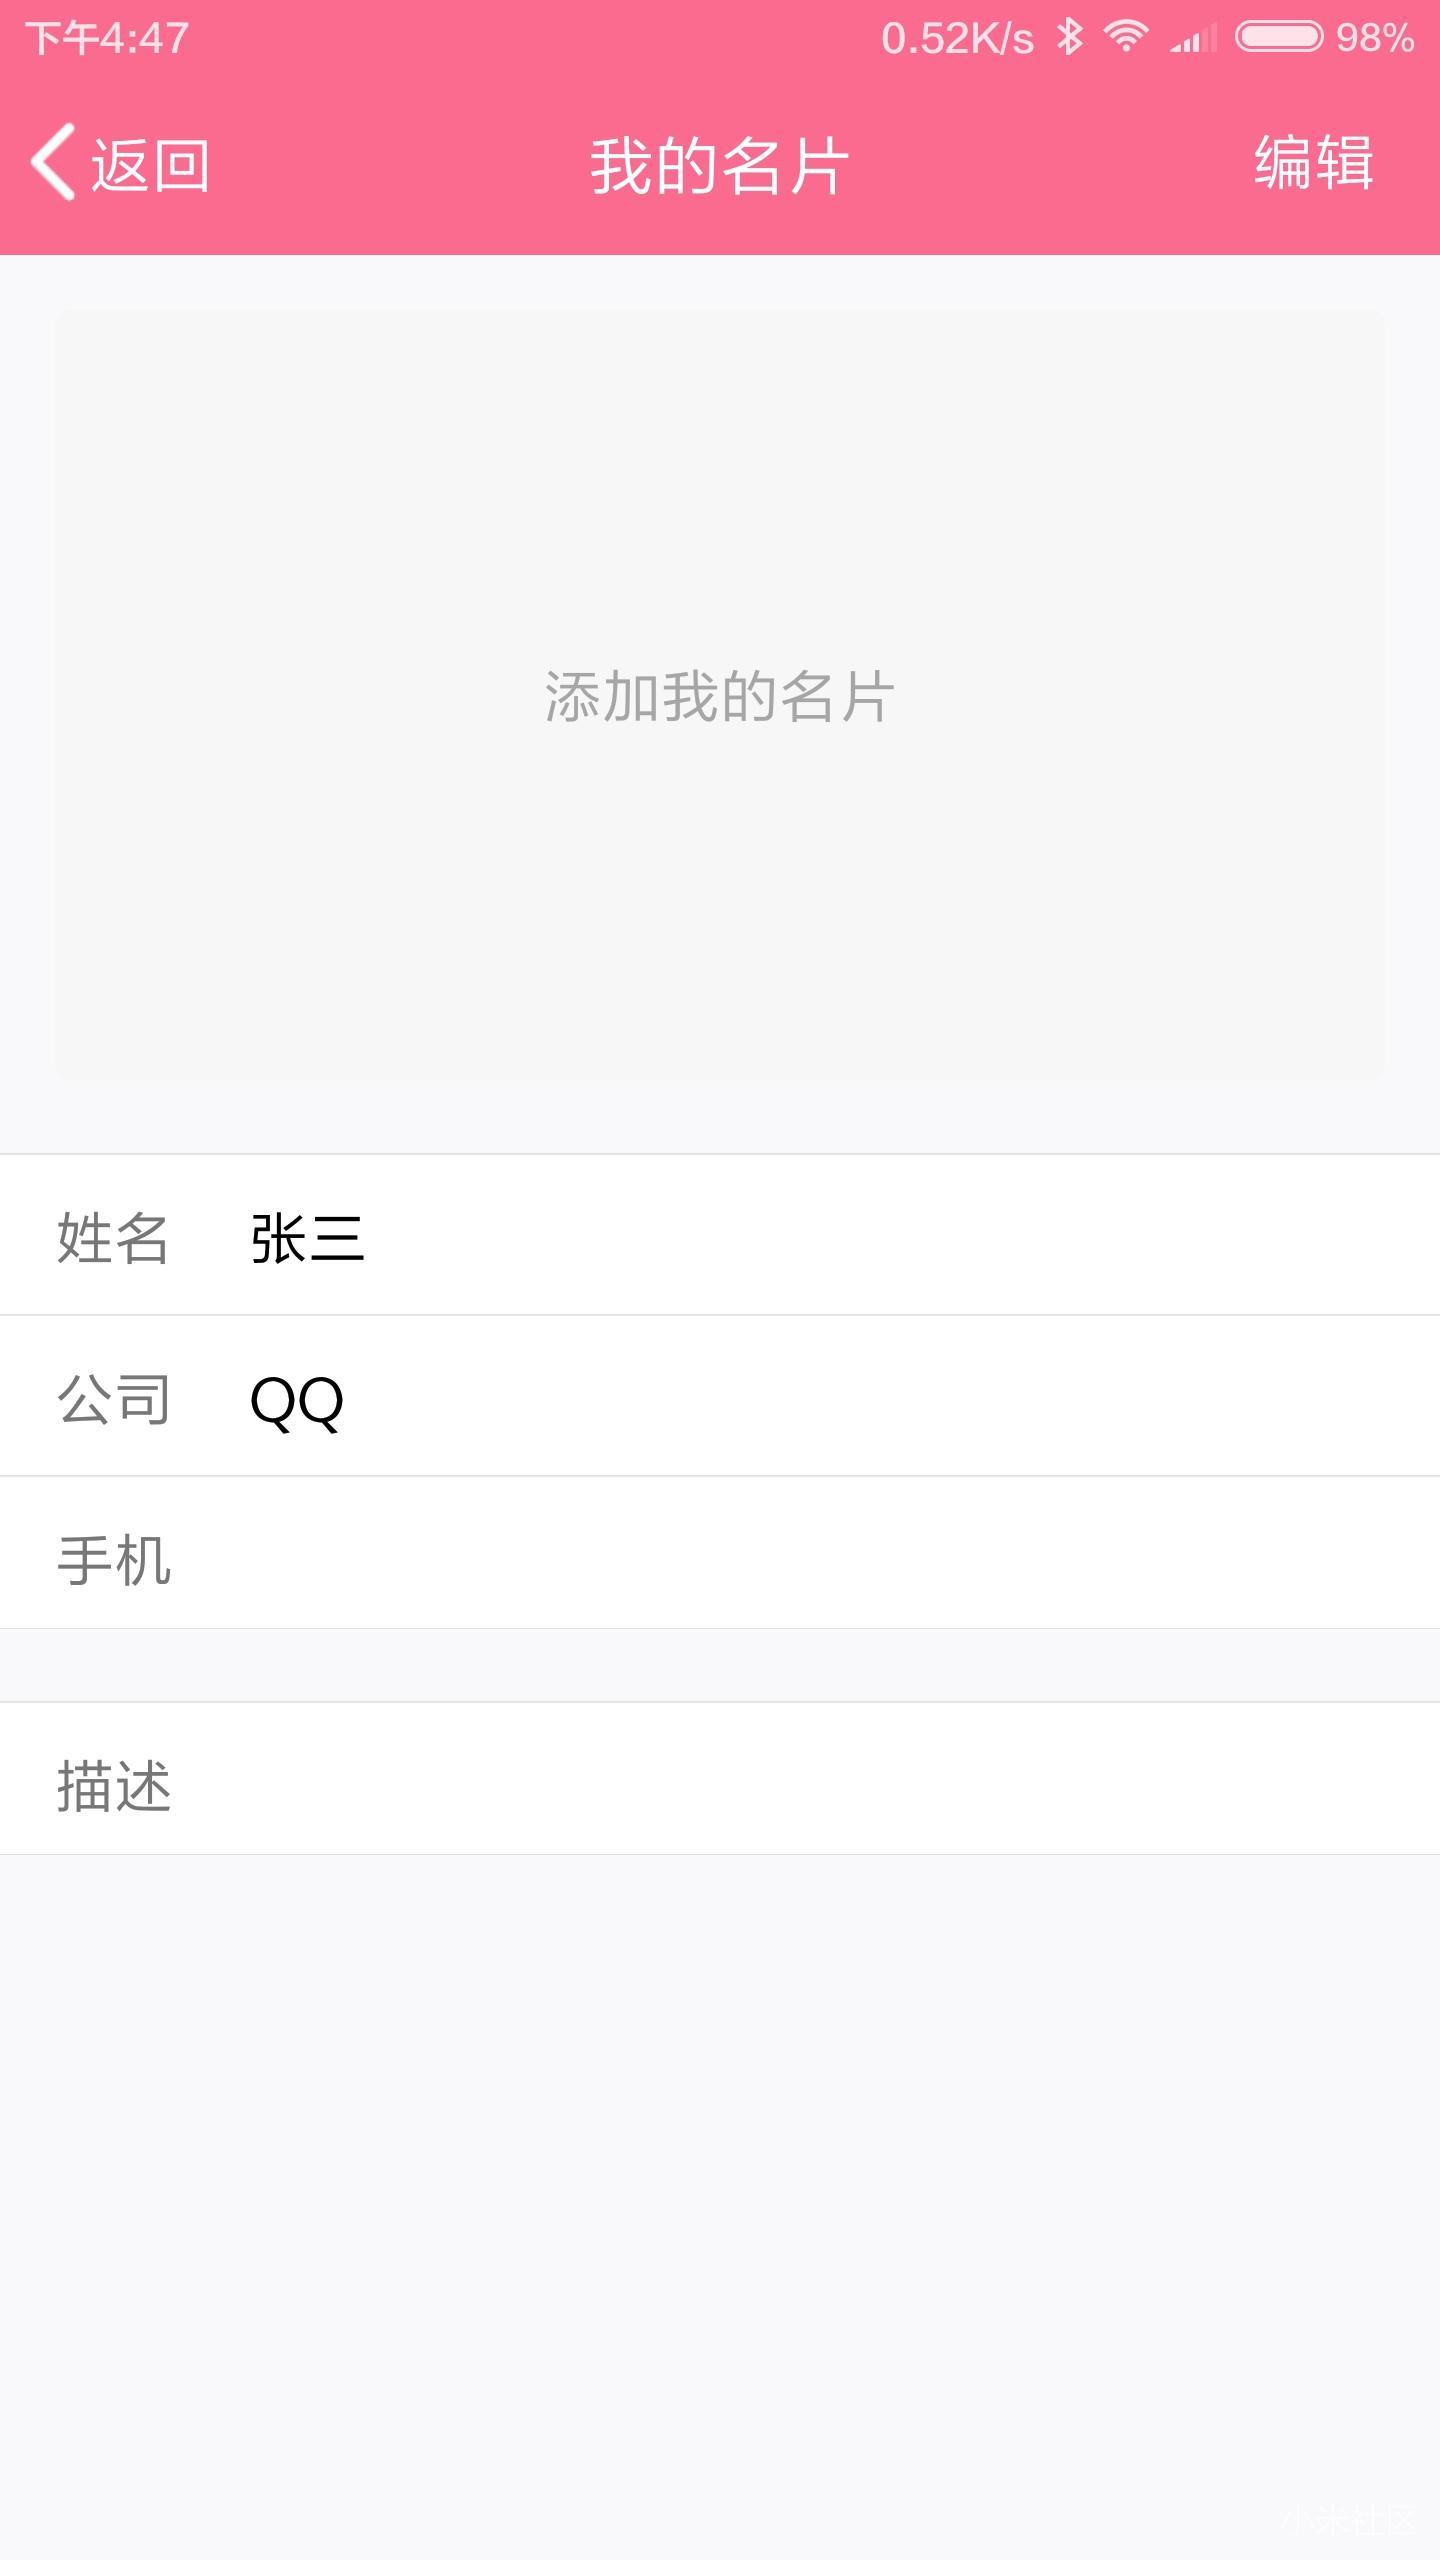 手机qq名片纯白色背景